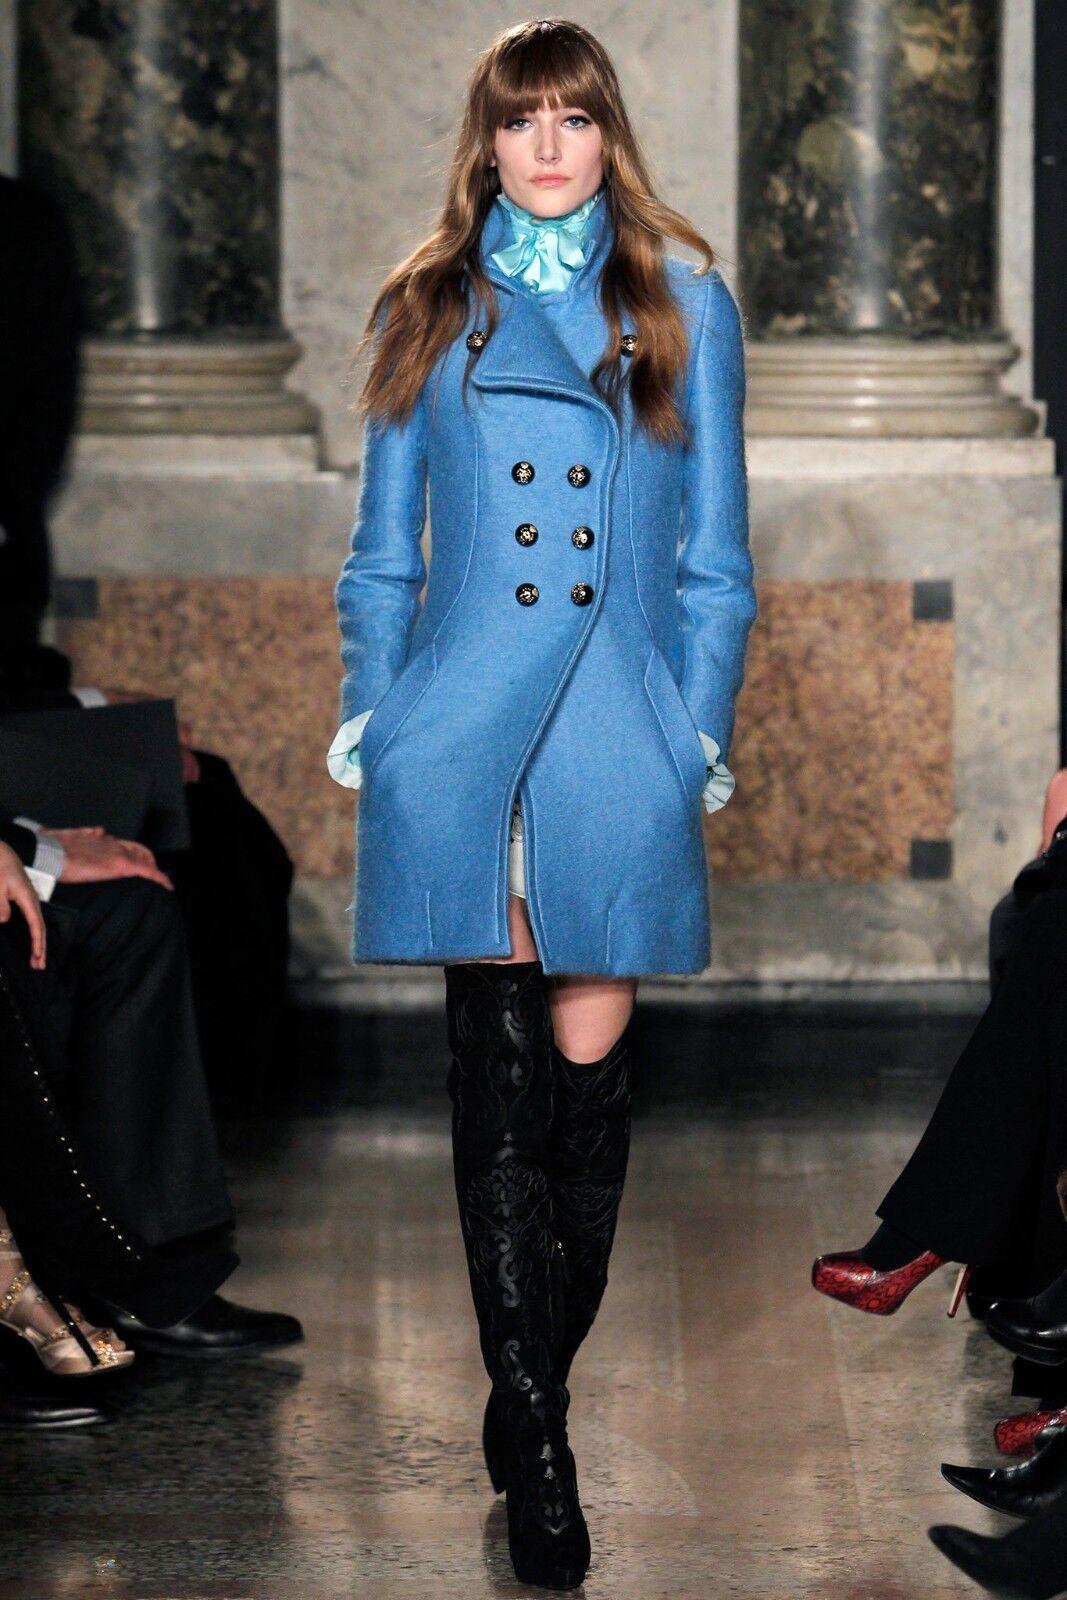 Nwt Emilio Pucci Runway Italien Schwarze Farbe Farbe Farbe Mantel Größe 40 USA 6   Economy    Erste in seiner Klasse    Optimaler Preis    Neuartiges Design    Reparieren  10b637